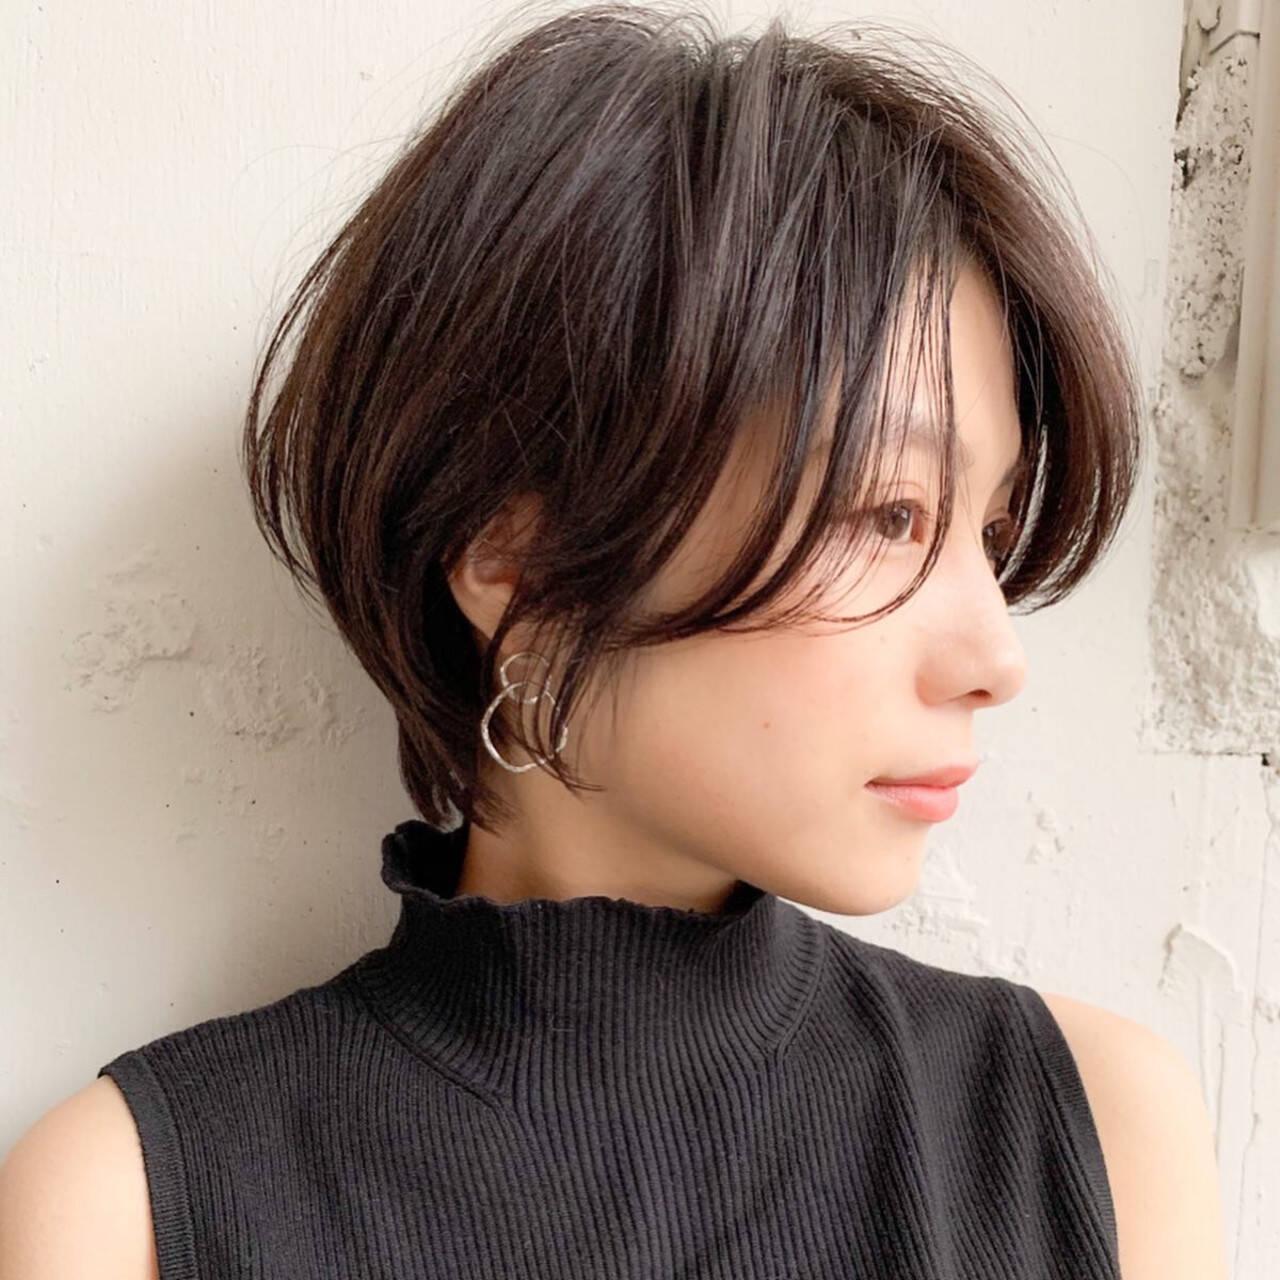 デジタルパーマ ショート ショートボブ インナーカラーヘアスタイルや髪型の写真・画像